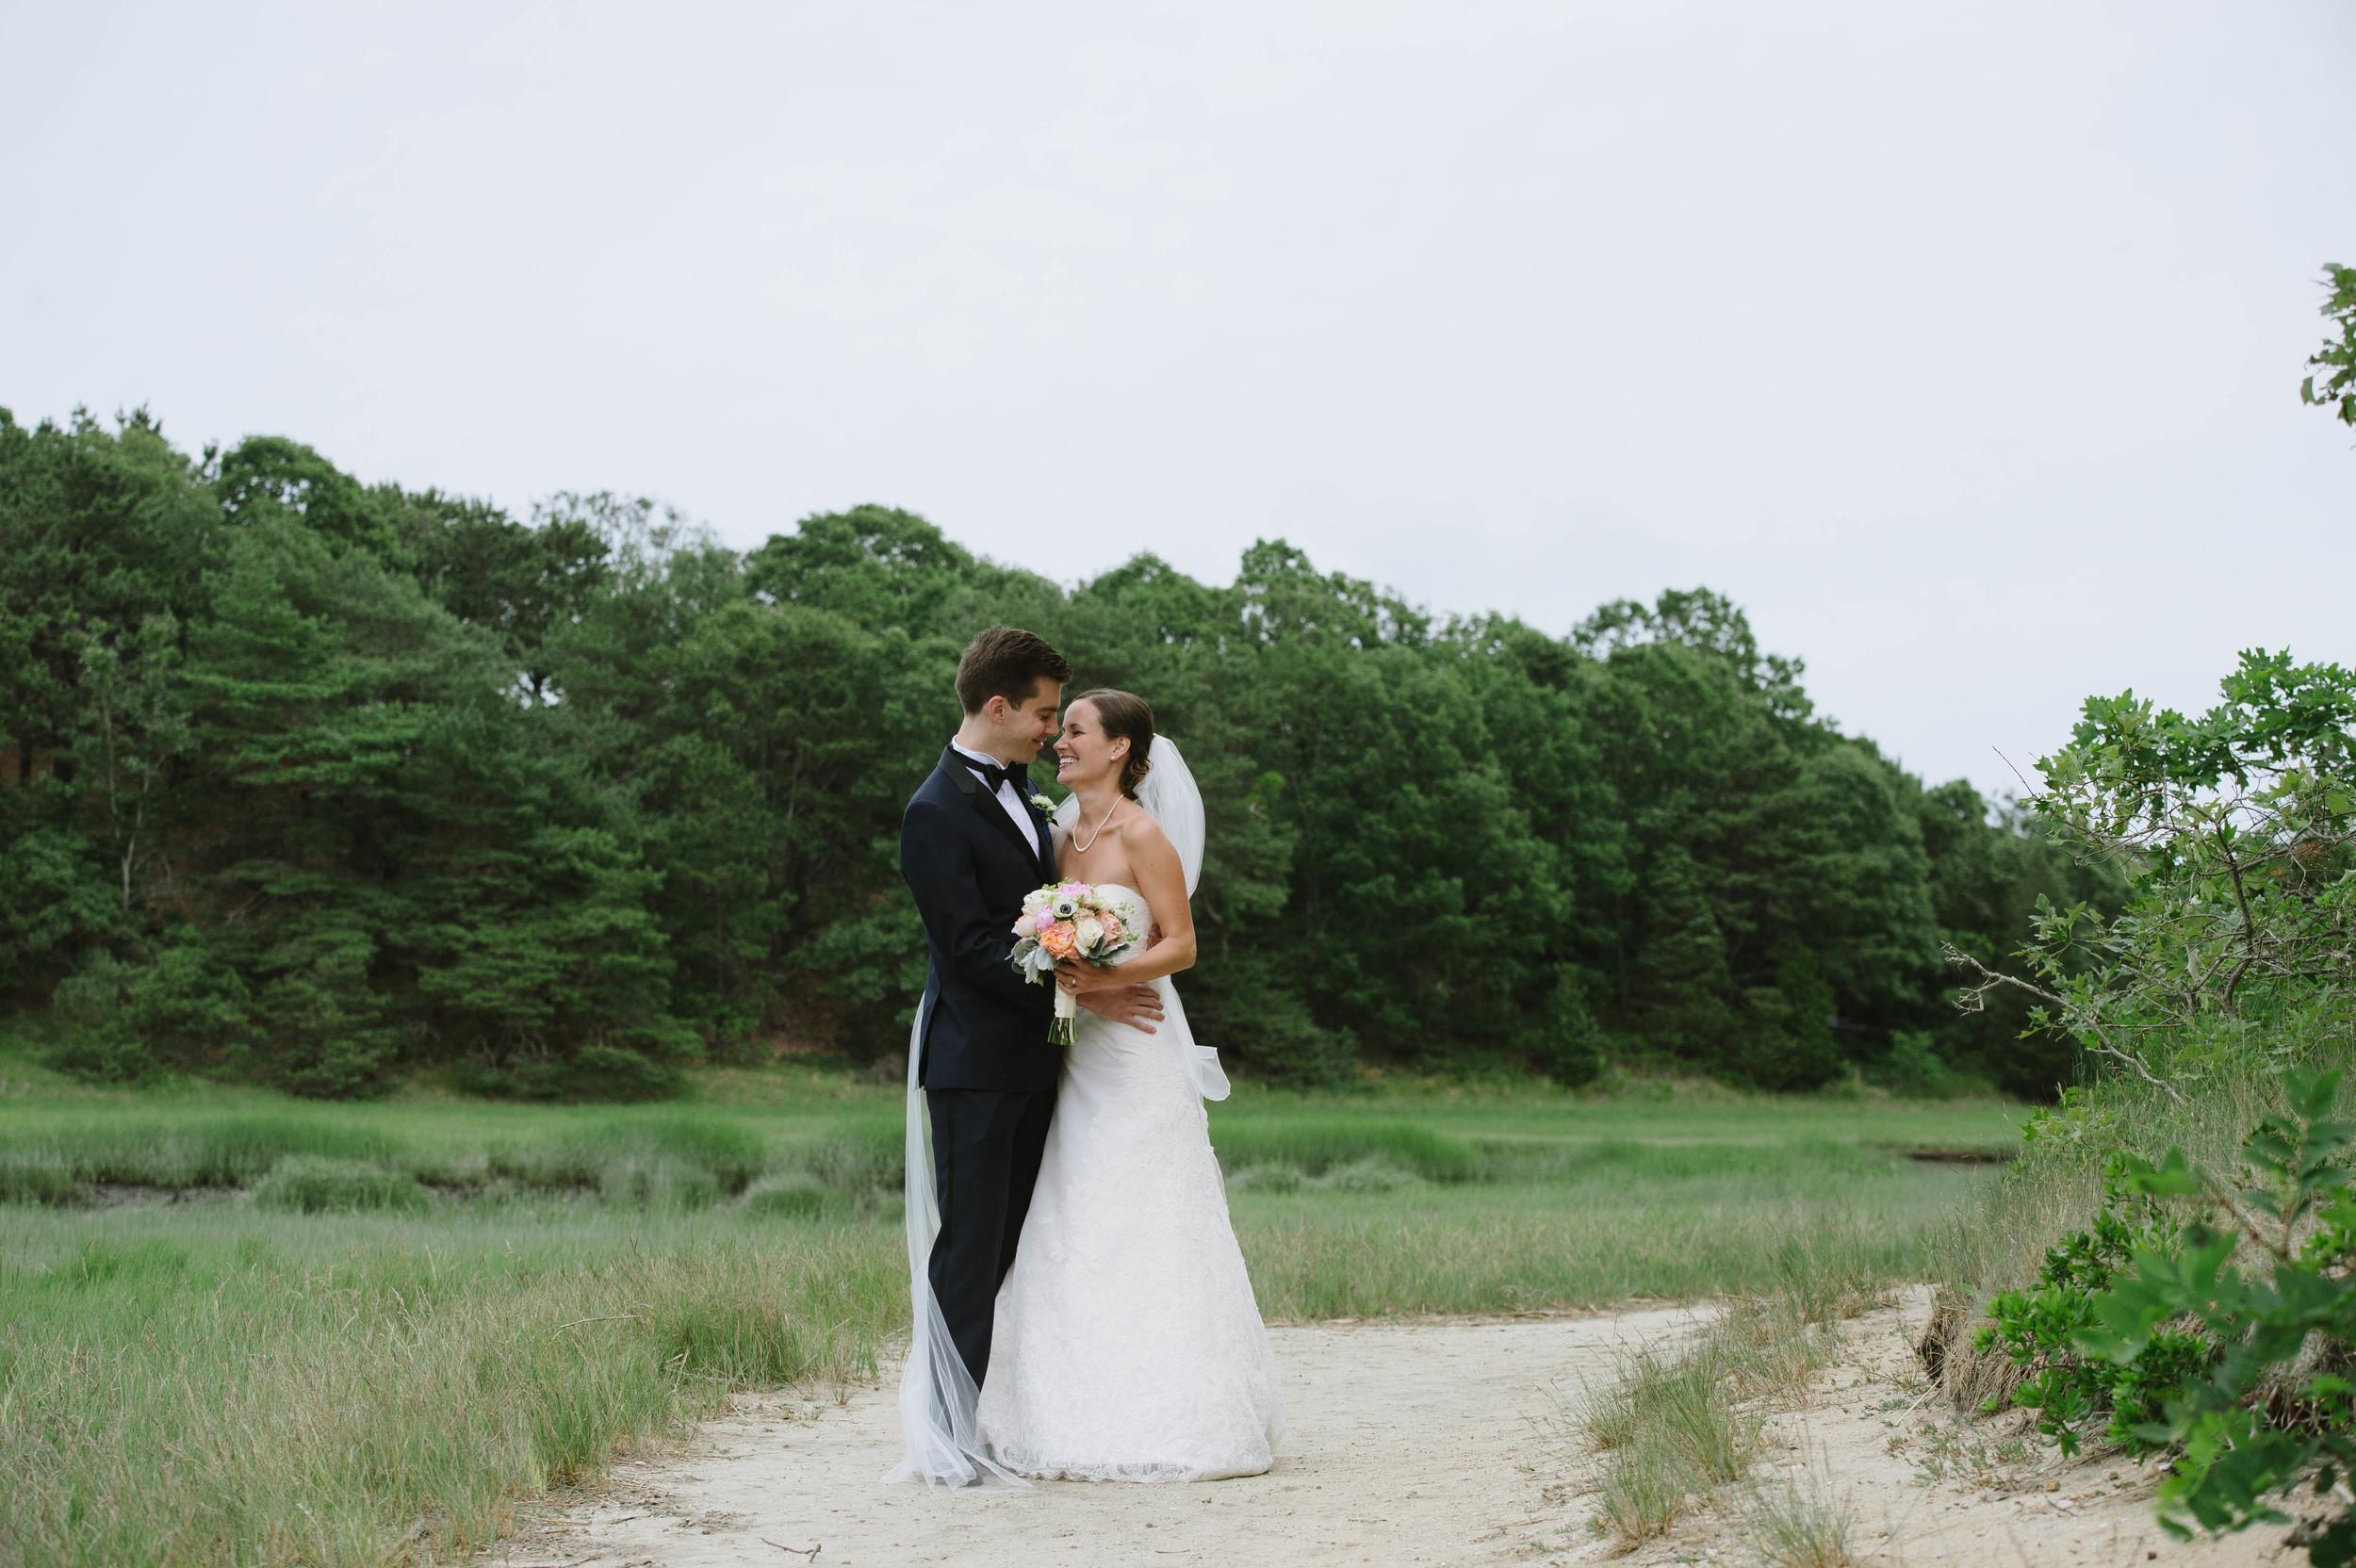 Holden_Inn_Wedding_Cape_Cod3.jpg